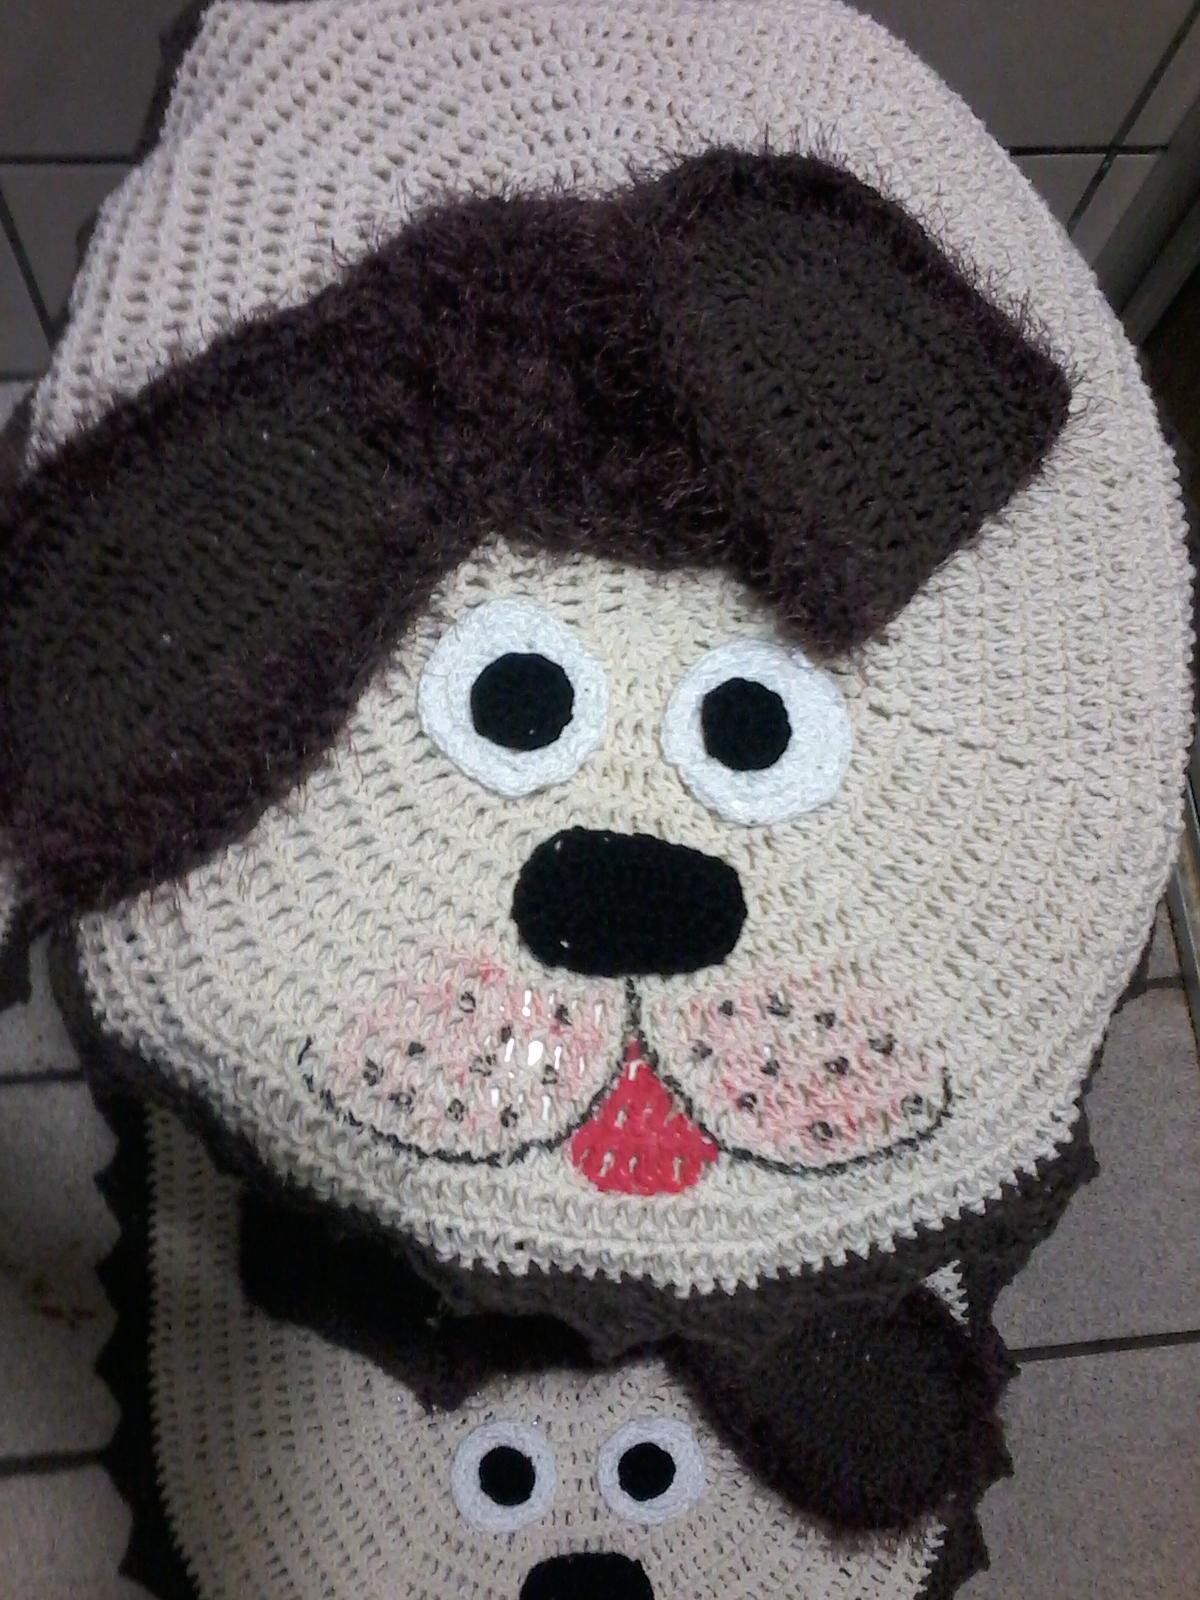 Jogo De Banheiro De Gato Croche : Jogo de banheiro cachorro m?nica croch? elo